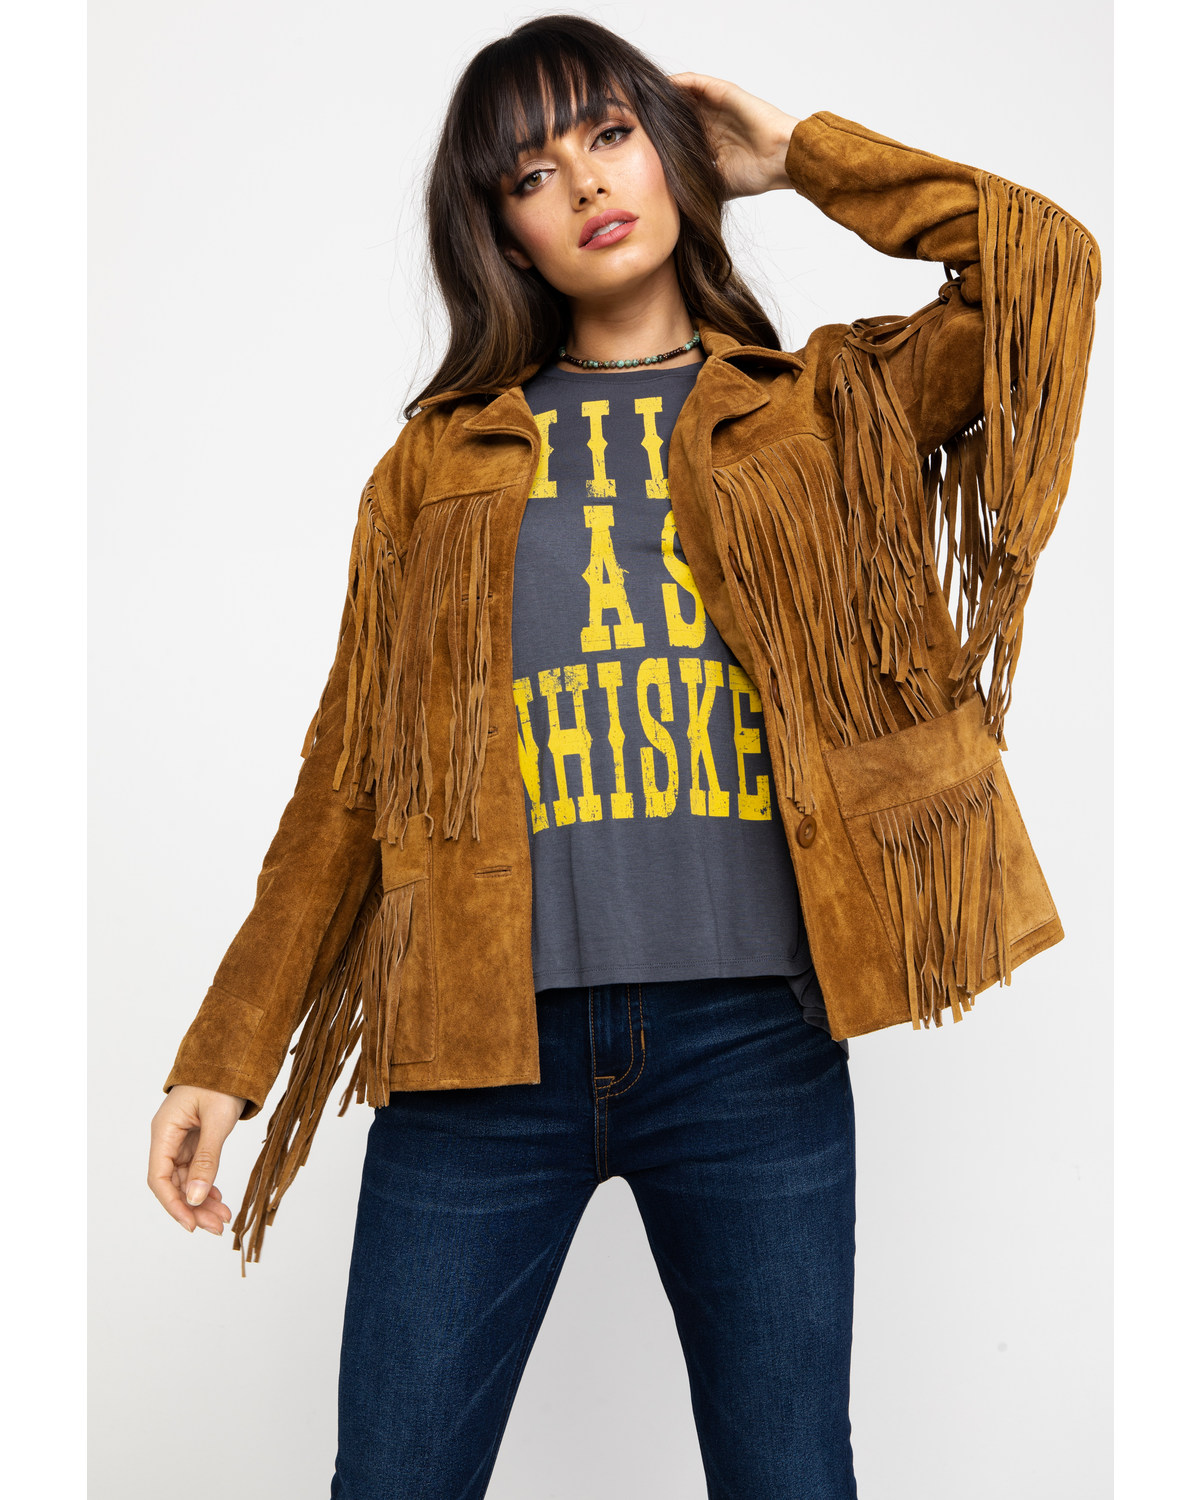 666344e24 Liberty Wear Fringe Leather Jacket